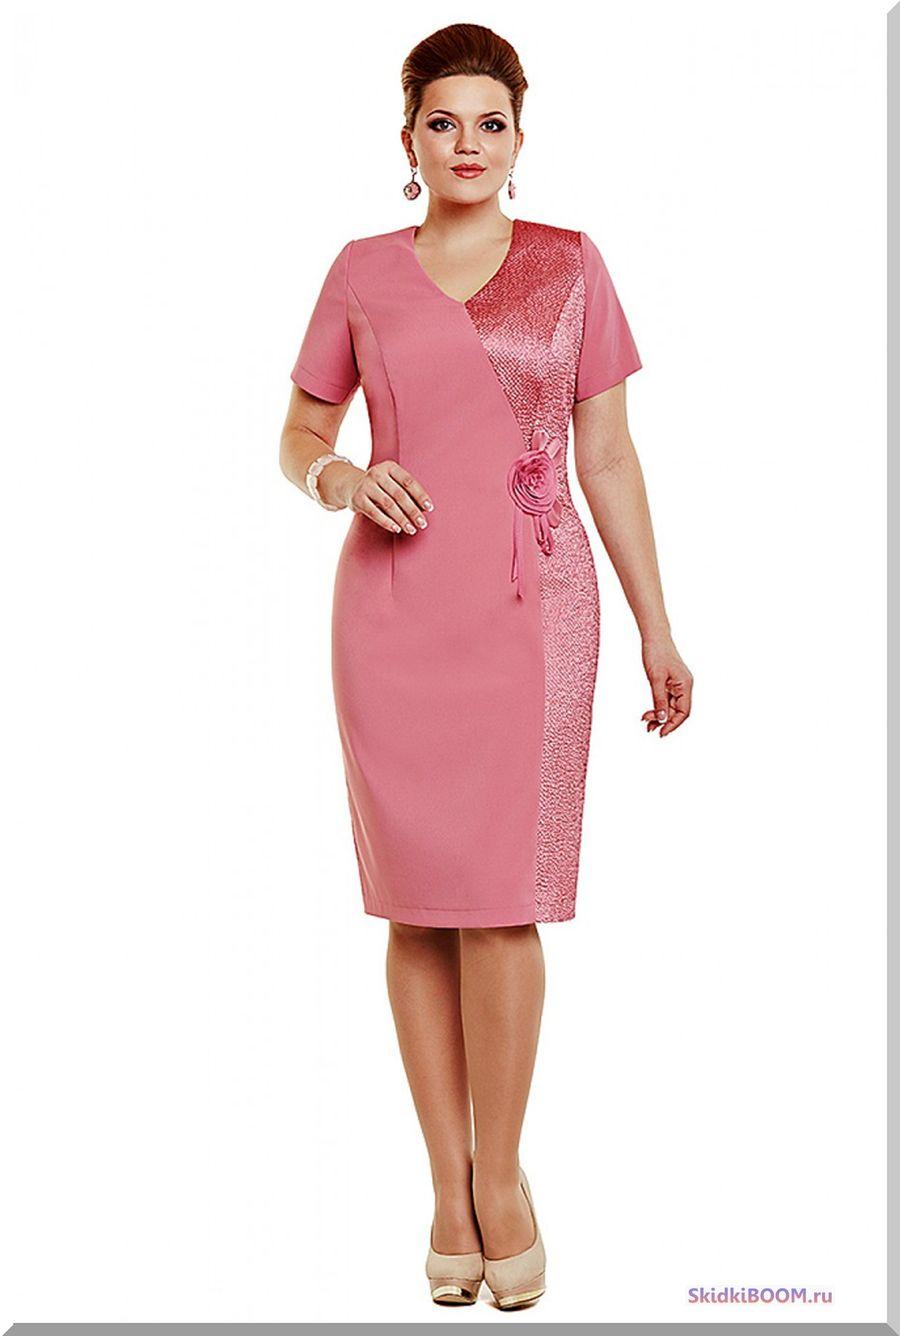 Модные платья для женщин после 50 лет - розовое